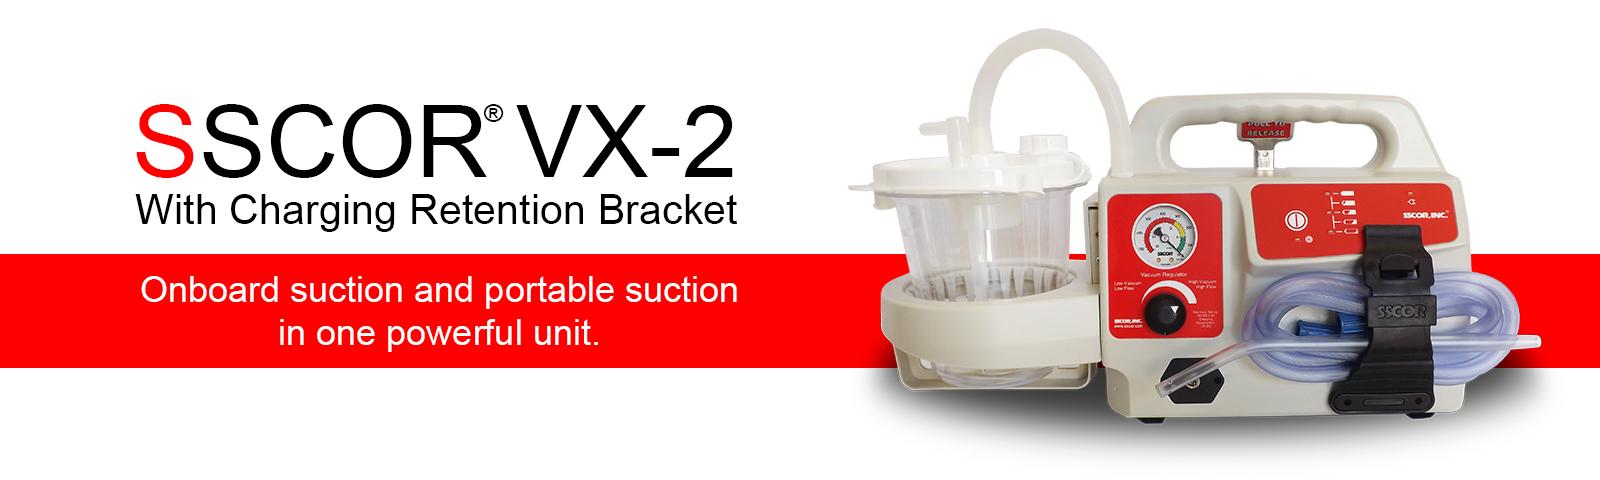 SSCOR VX-2